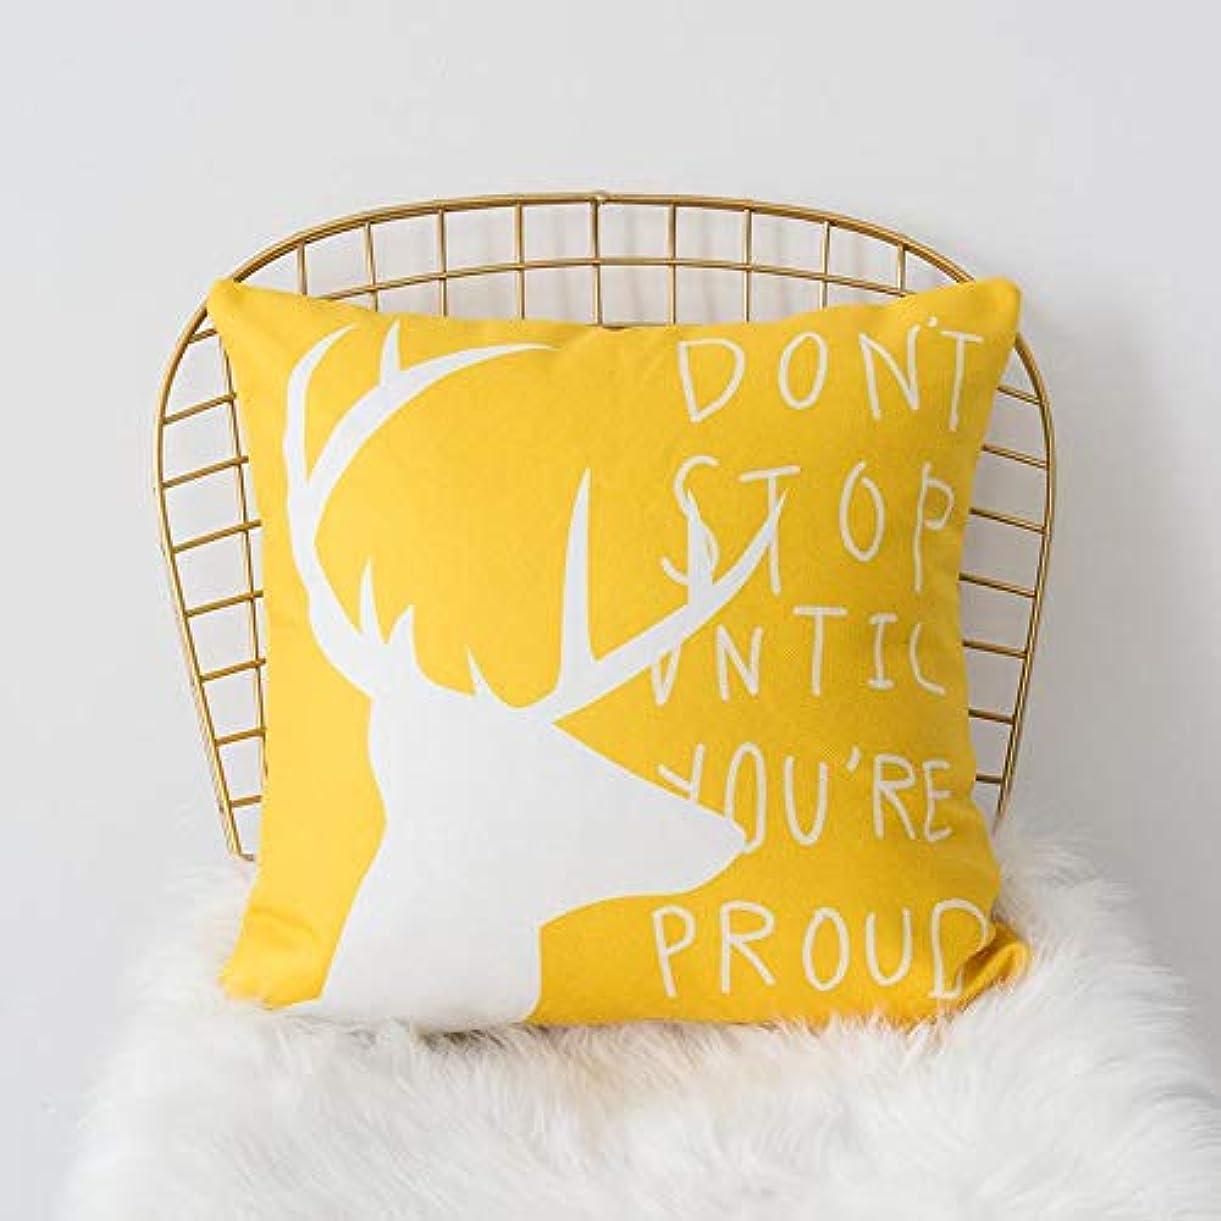 変換する殺人夜LIFE 黄色グレー枕北欧スタイル黄色ヘラジカ幾何枕リビングルームのインテリアソファクッション Cojines 装飾良質 クッション 椅子